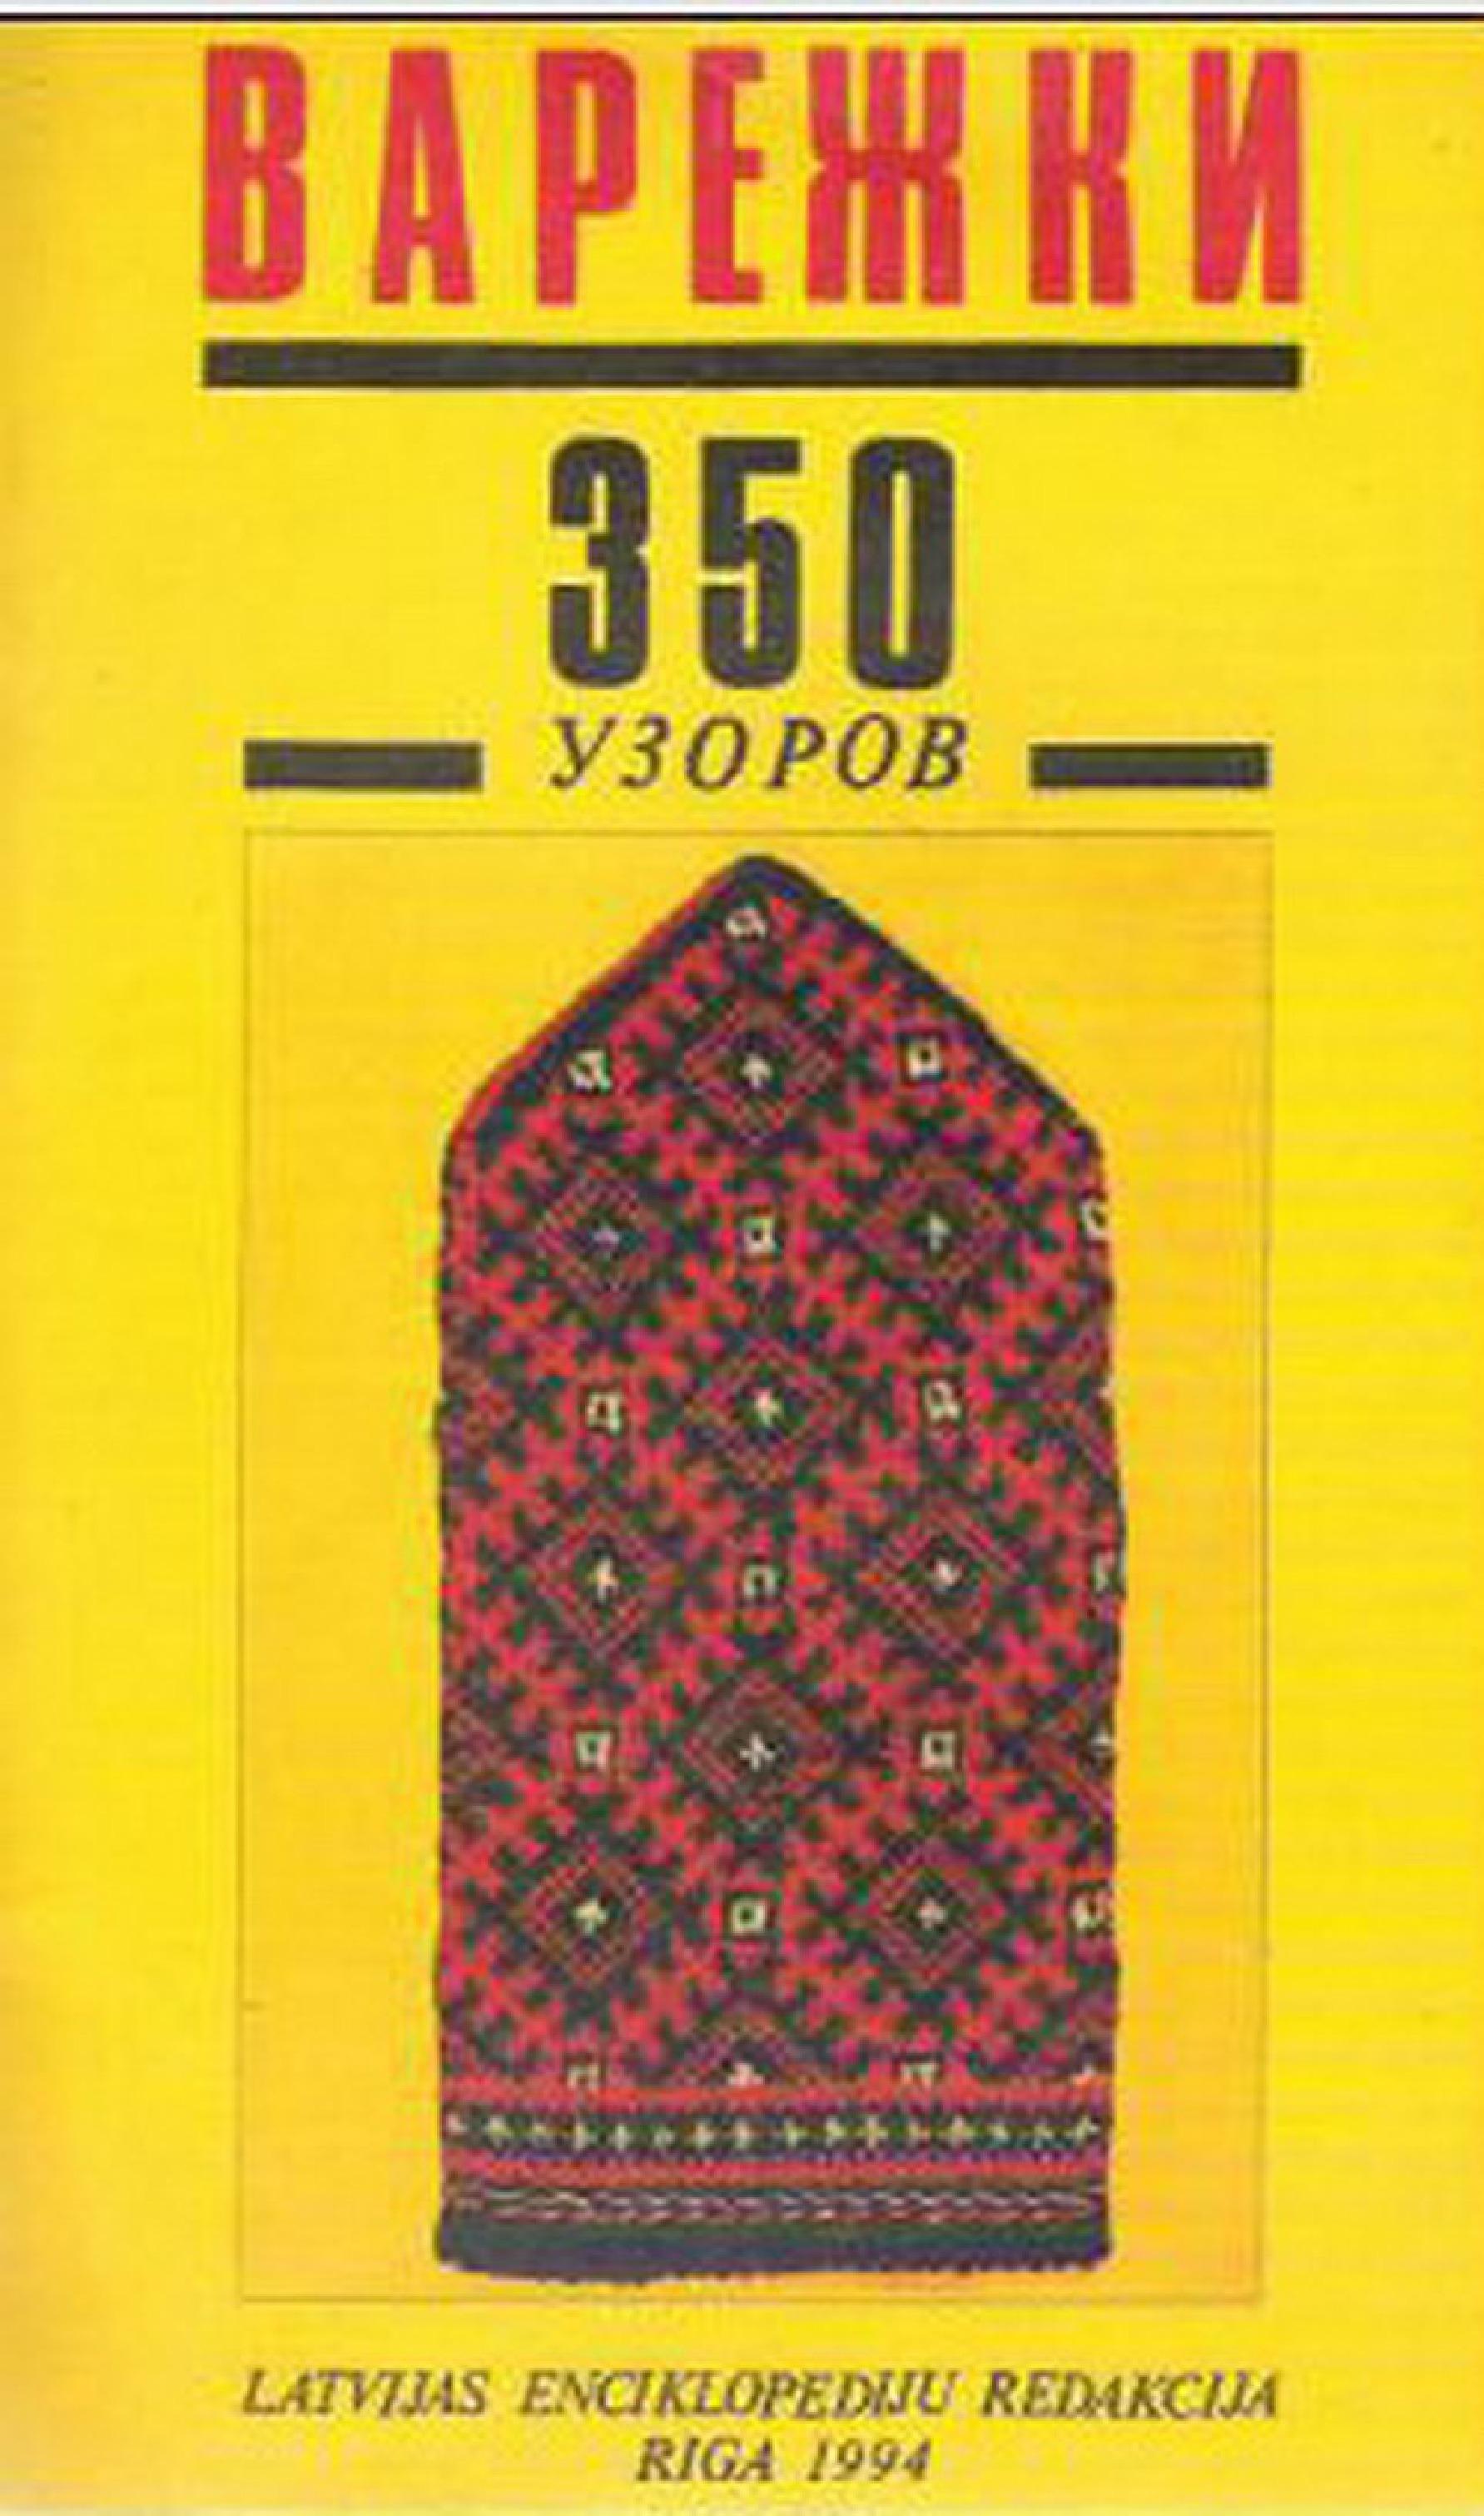 Aas02ven o